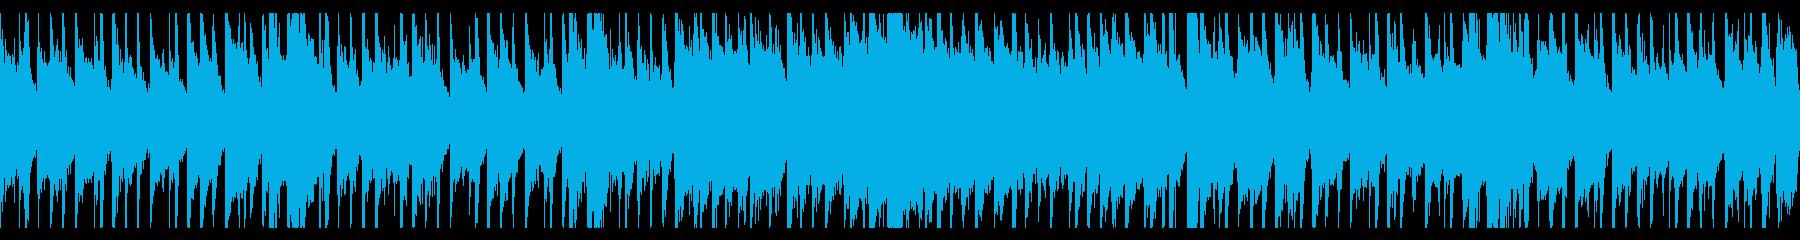 【ループ】ケルト風・ゲームの酒場風BGMの再生済みの波形